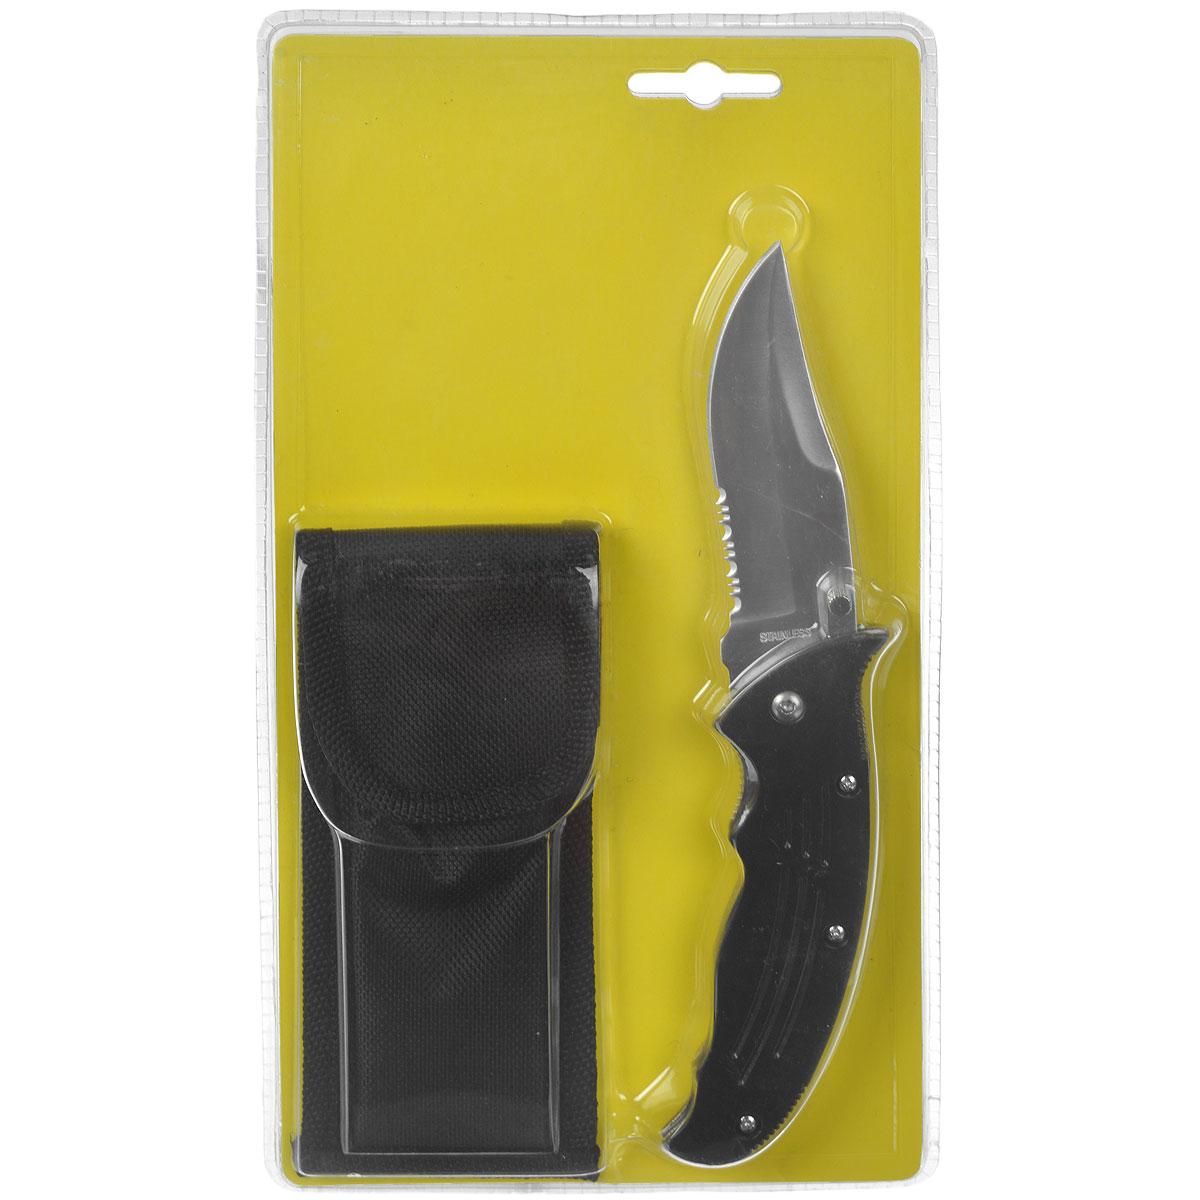 Складной нож Campland, длина лезвия 8,5 смCAMN8Компактный и легкий складной нож Campland станет надежным помощником даже в самой сложной экспедиции. Рукоять выполнена из пластика. Для изготовления ножа применяется высококачественная инструментальная нержавеющая сталь. Характеристики:Материал: пластик, металл. Размеры:длина лезвия - 8,5 см,общая длина (включая ручку) - 20 см,толщина лезвия - 0,3 см. Размер упаковки: 26 см х 15 см х 3 см. Артикул: CAMN8.